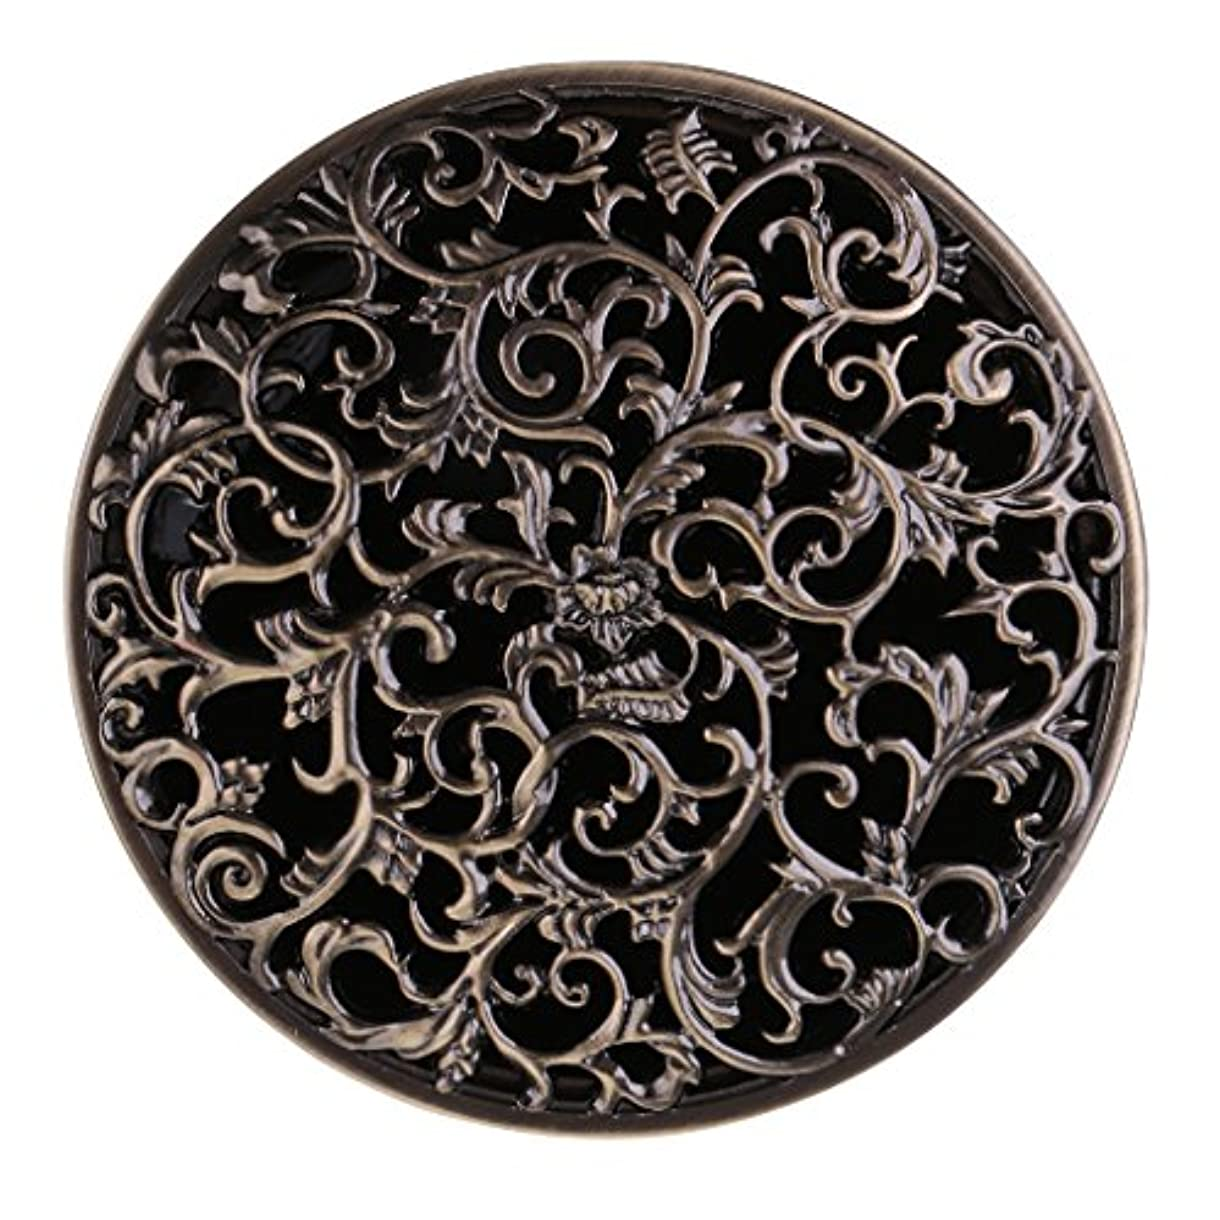 アラバマ北西果てしないチベット 合金 香炉 コーンホルダー 仏教 香りバーナー ボックス 家 装飾 全3色 - ブロンズ